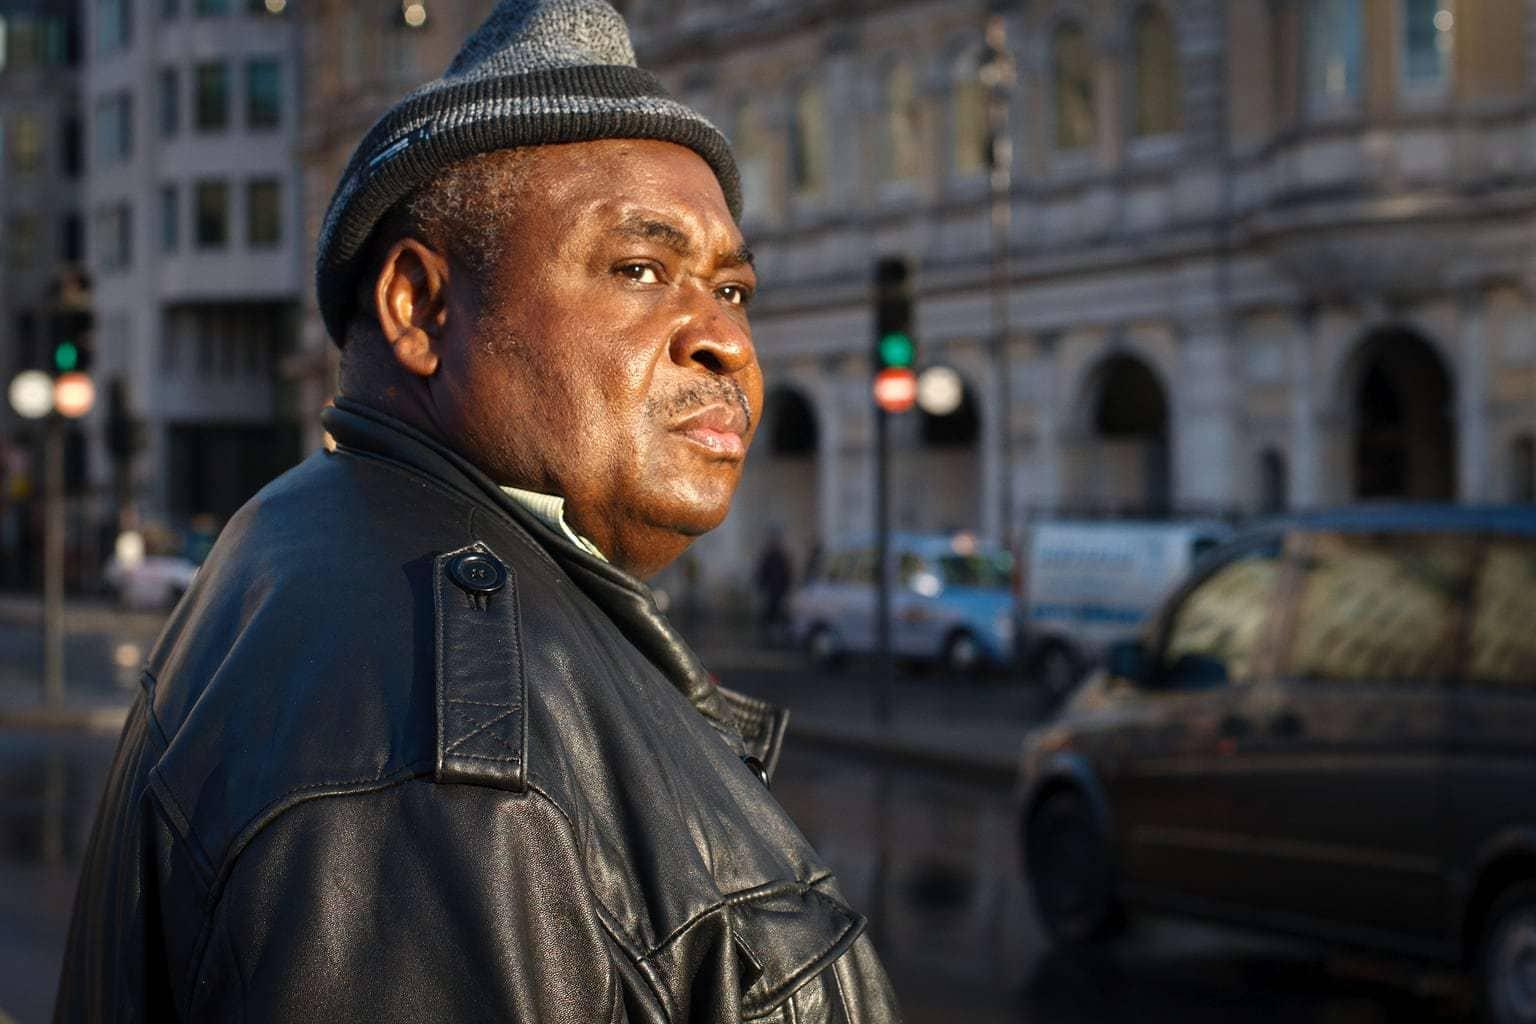 Retrato de un hombre en la calle